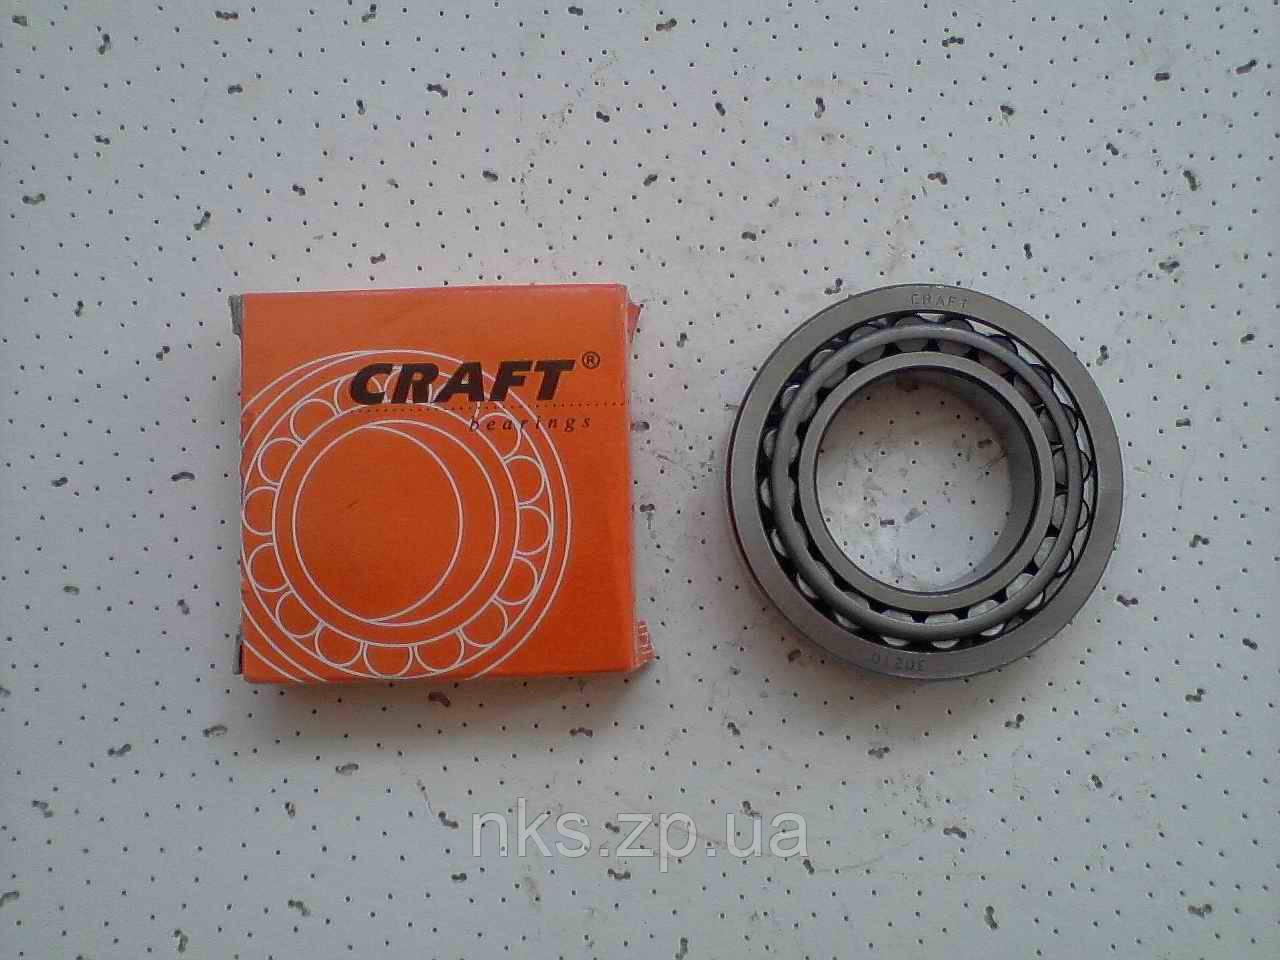 """Подшипник 7210 (30210) """"Craft""""."""